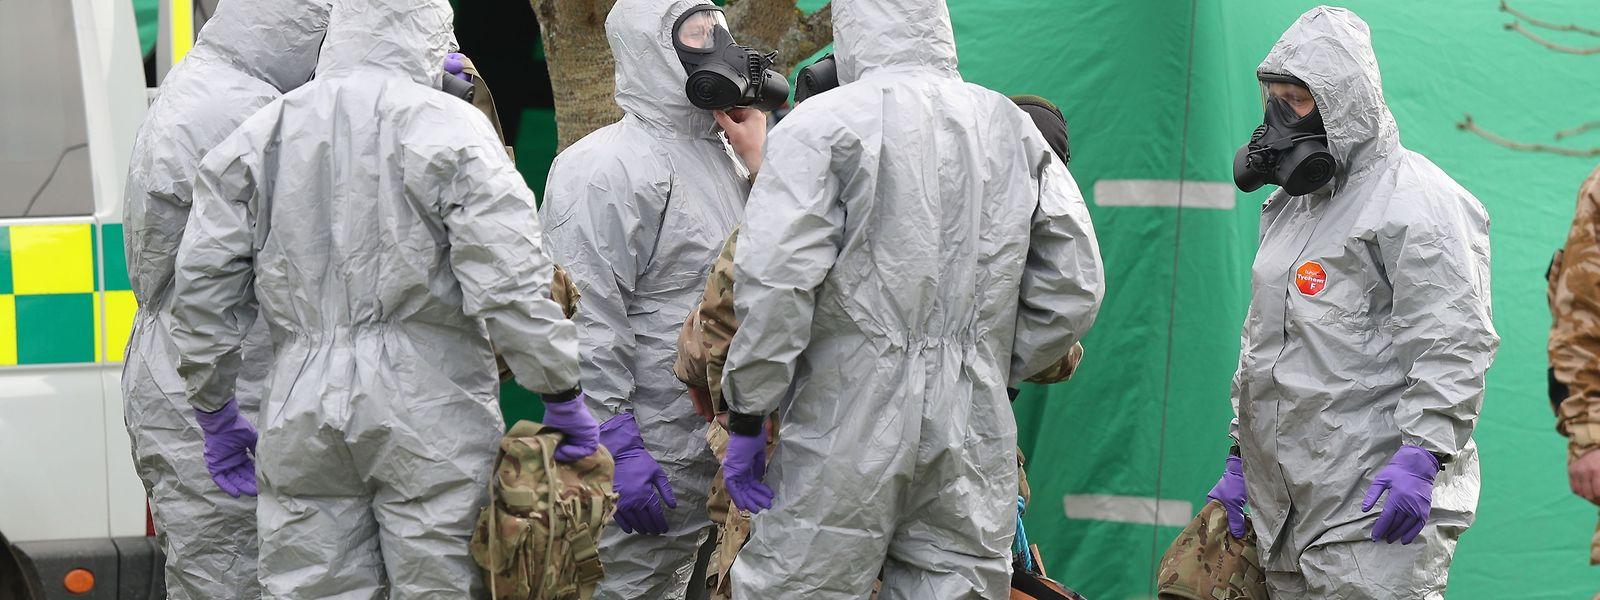 """14.03.2018, Großbritannien, Gillingham: Soldaten tragen Schutzanzüge während der Ermittlungen zur Vergiftung des Ex-Doppelagenten Skripal und dessen Tochter. Beide waren am 4. März bewusstlos auf einer Parkbank entdeckt worden. (Zu dpa """"Experte: «Keine präzise» Quelle für Gift im Fall Skripal"""") Foto: Andrew Matthews/PA Wire/dpa +++ dpa-Bildfunk +++"""